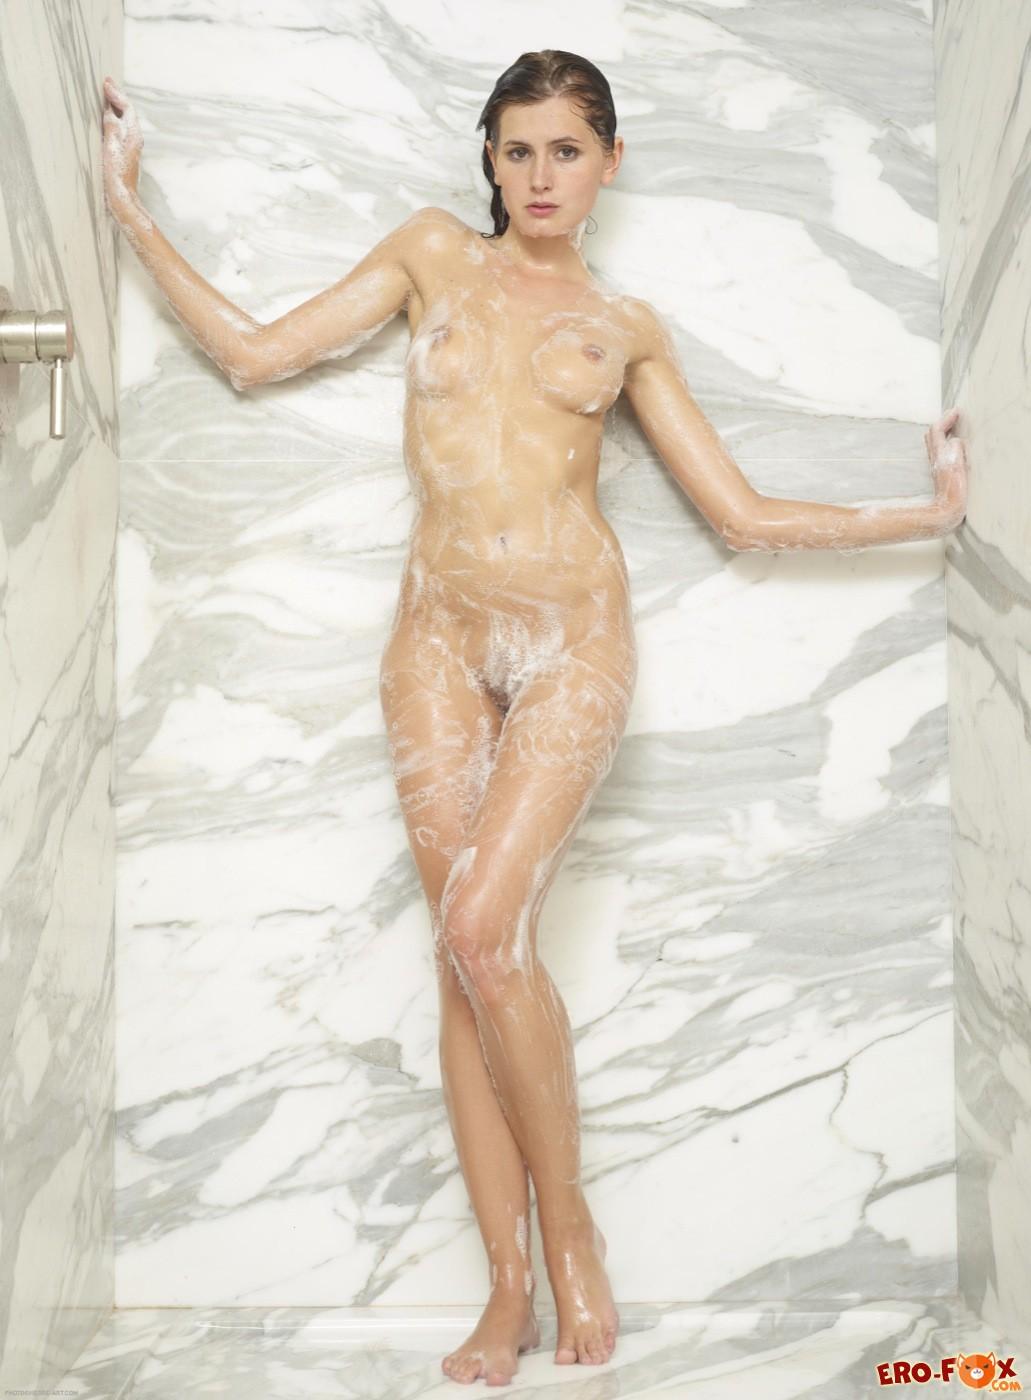 Голая девушка в мыльной пене моется  - фото